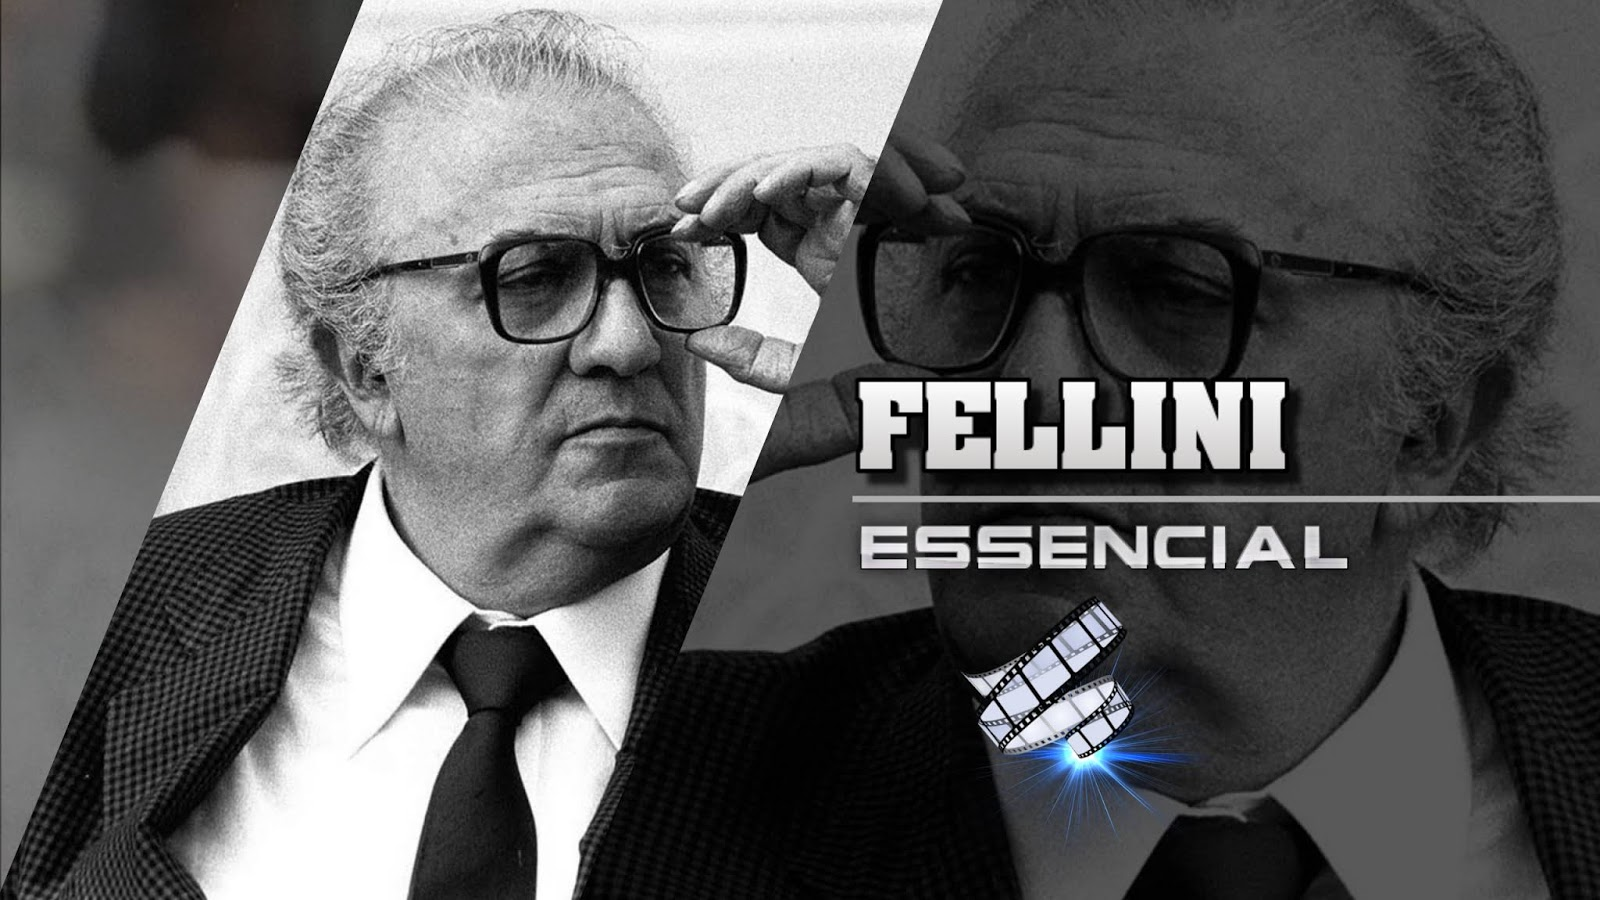 federico-fellini-10-filmes-essenciais